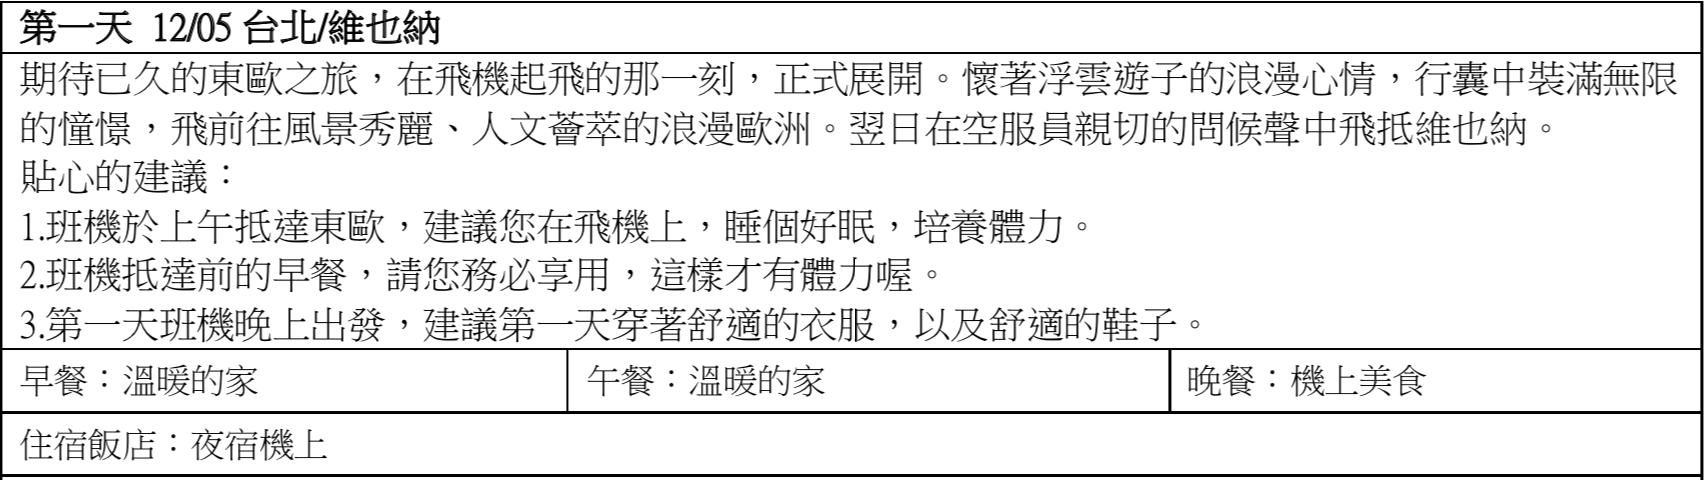 2020/1205 奶茶團長聖誕市集+童話小鎮出團公告、報名事宜~